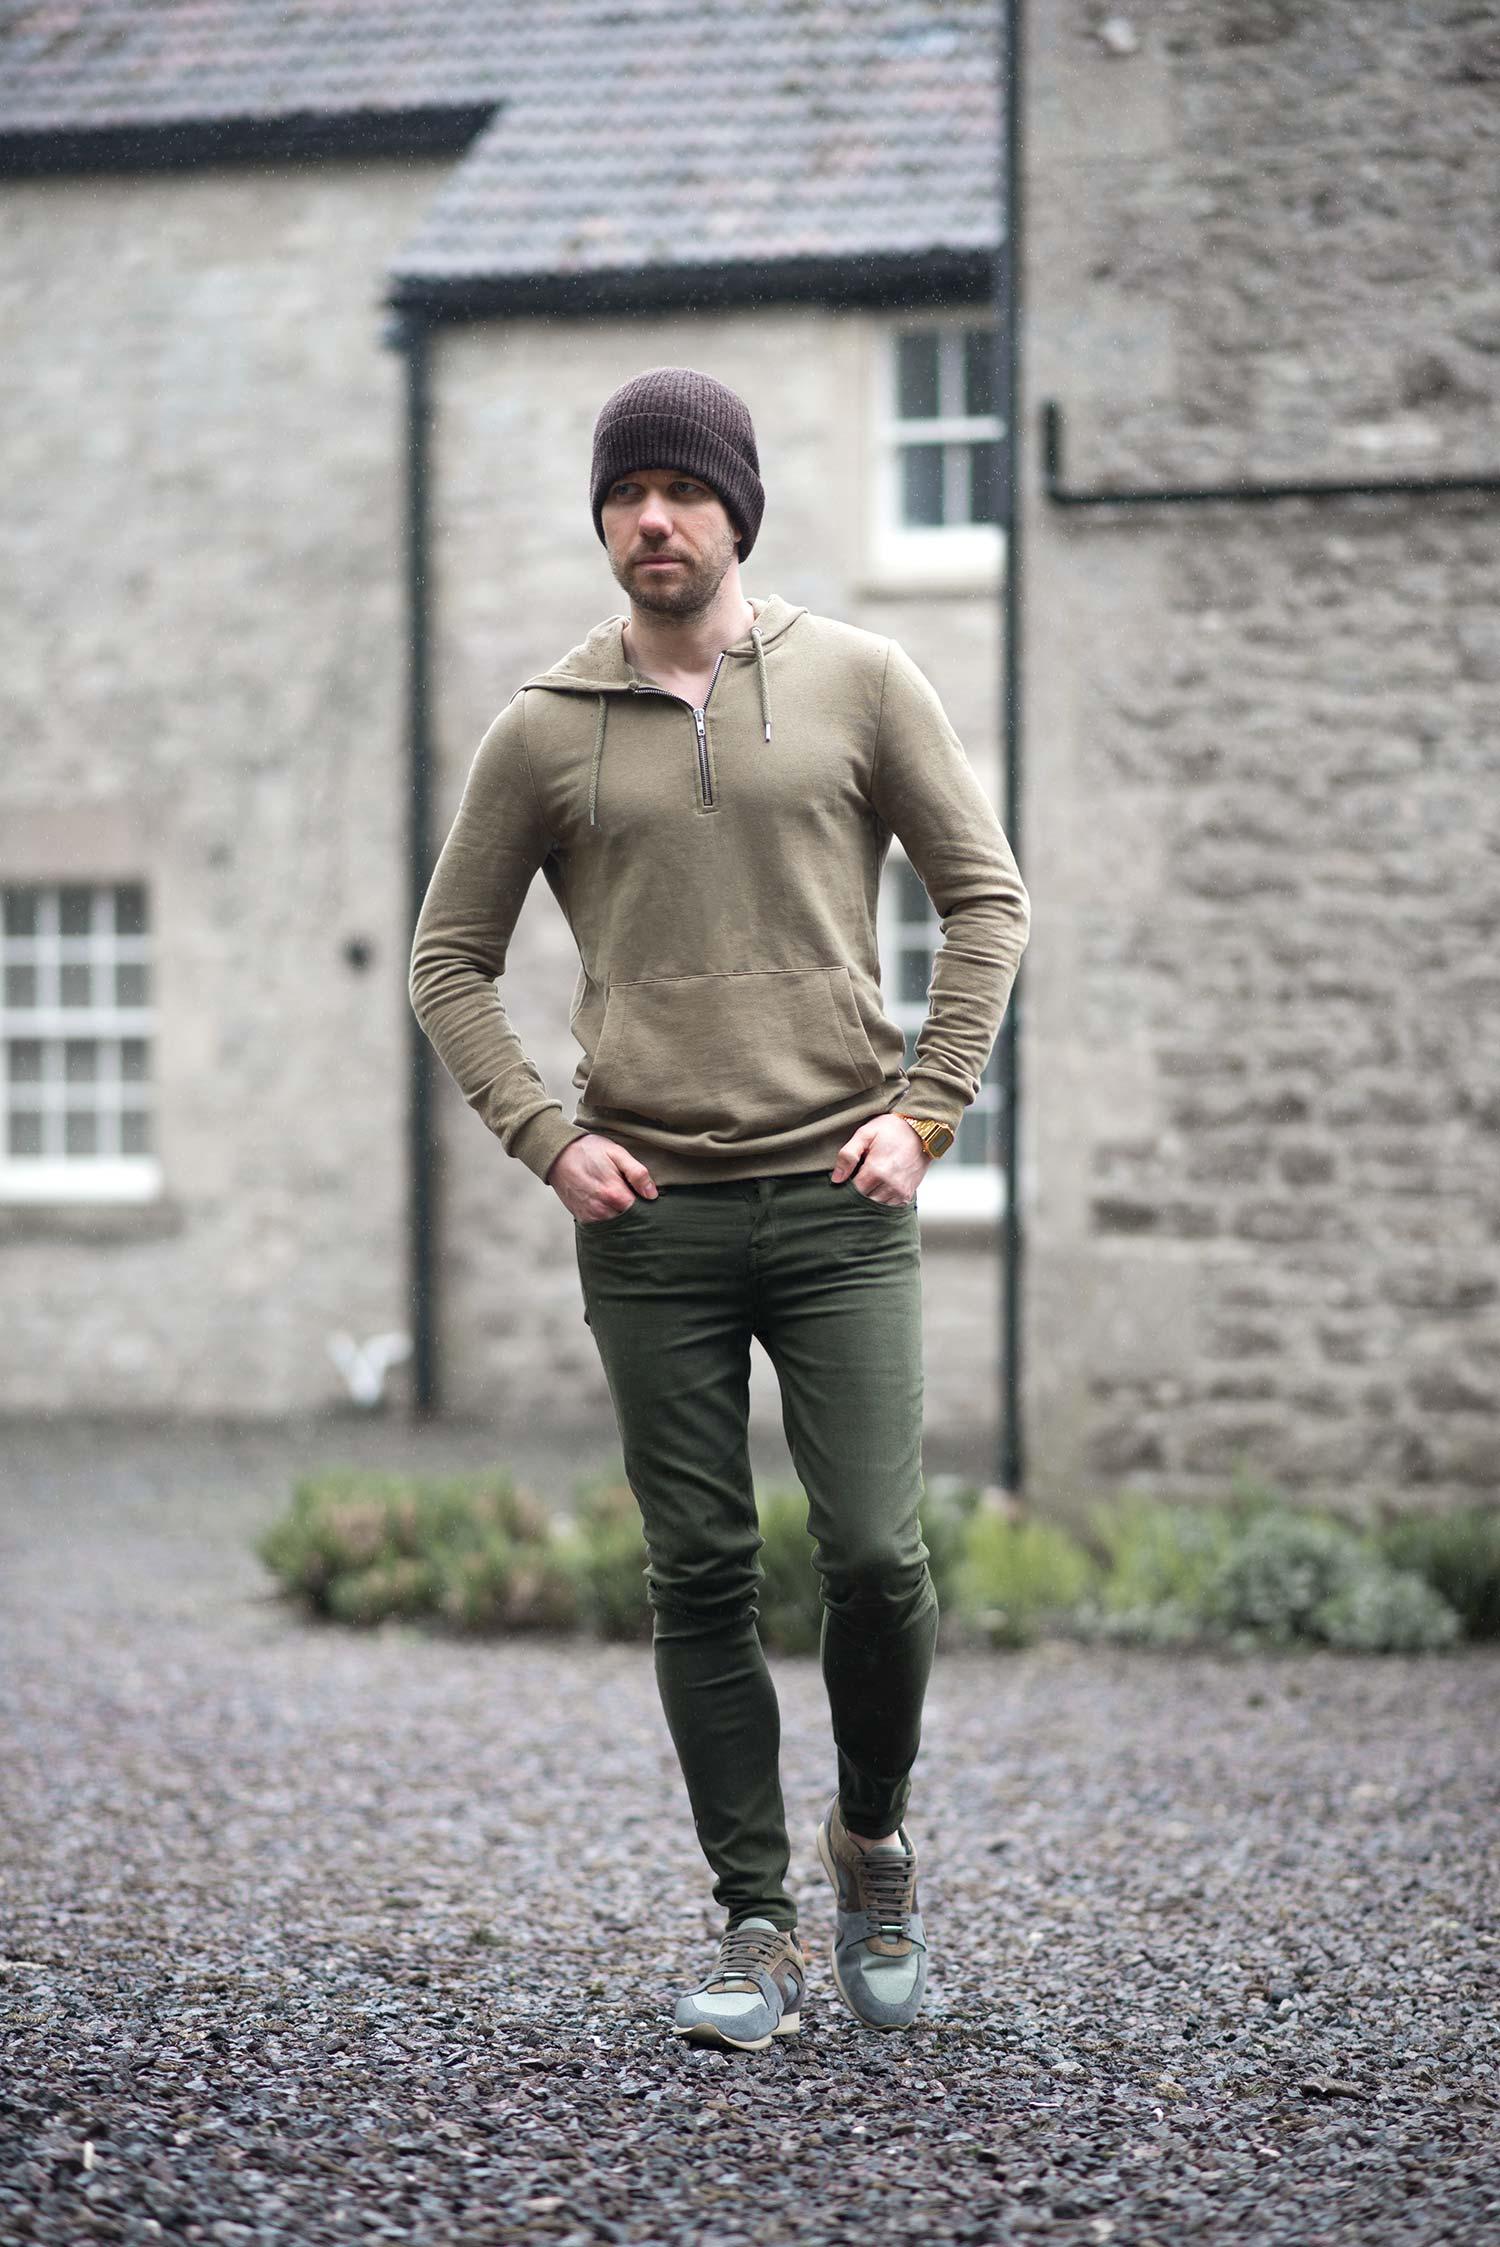 Skinny jeans instagram